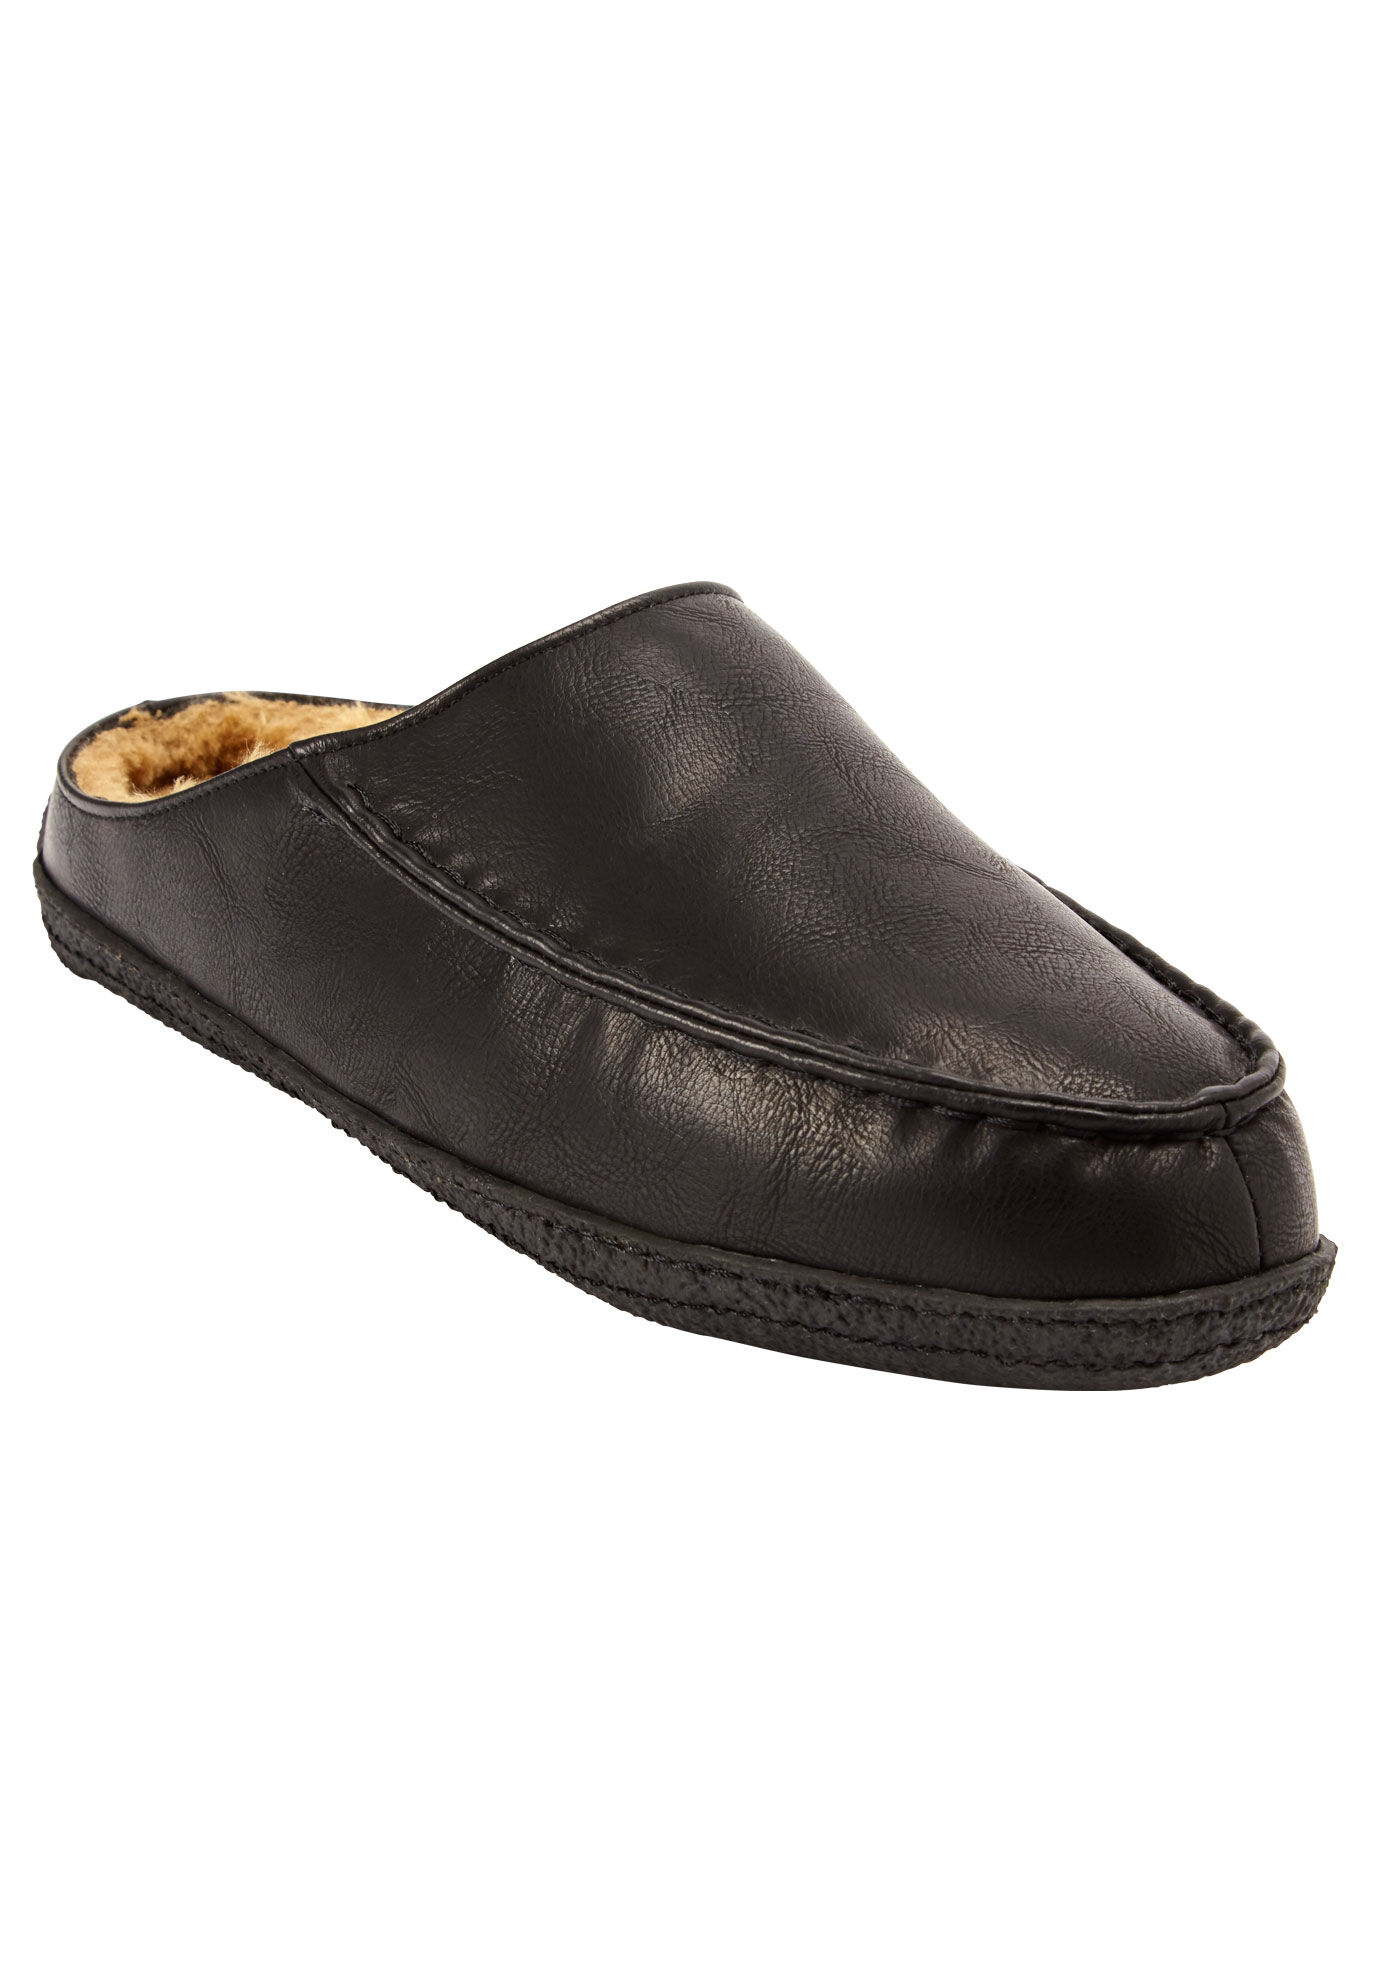 KingSize Mens Wide Width Fleece Clog Slippers